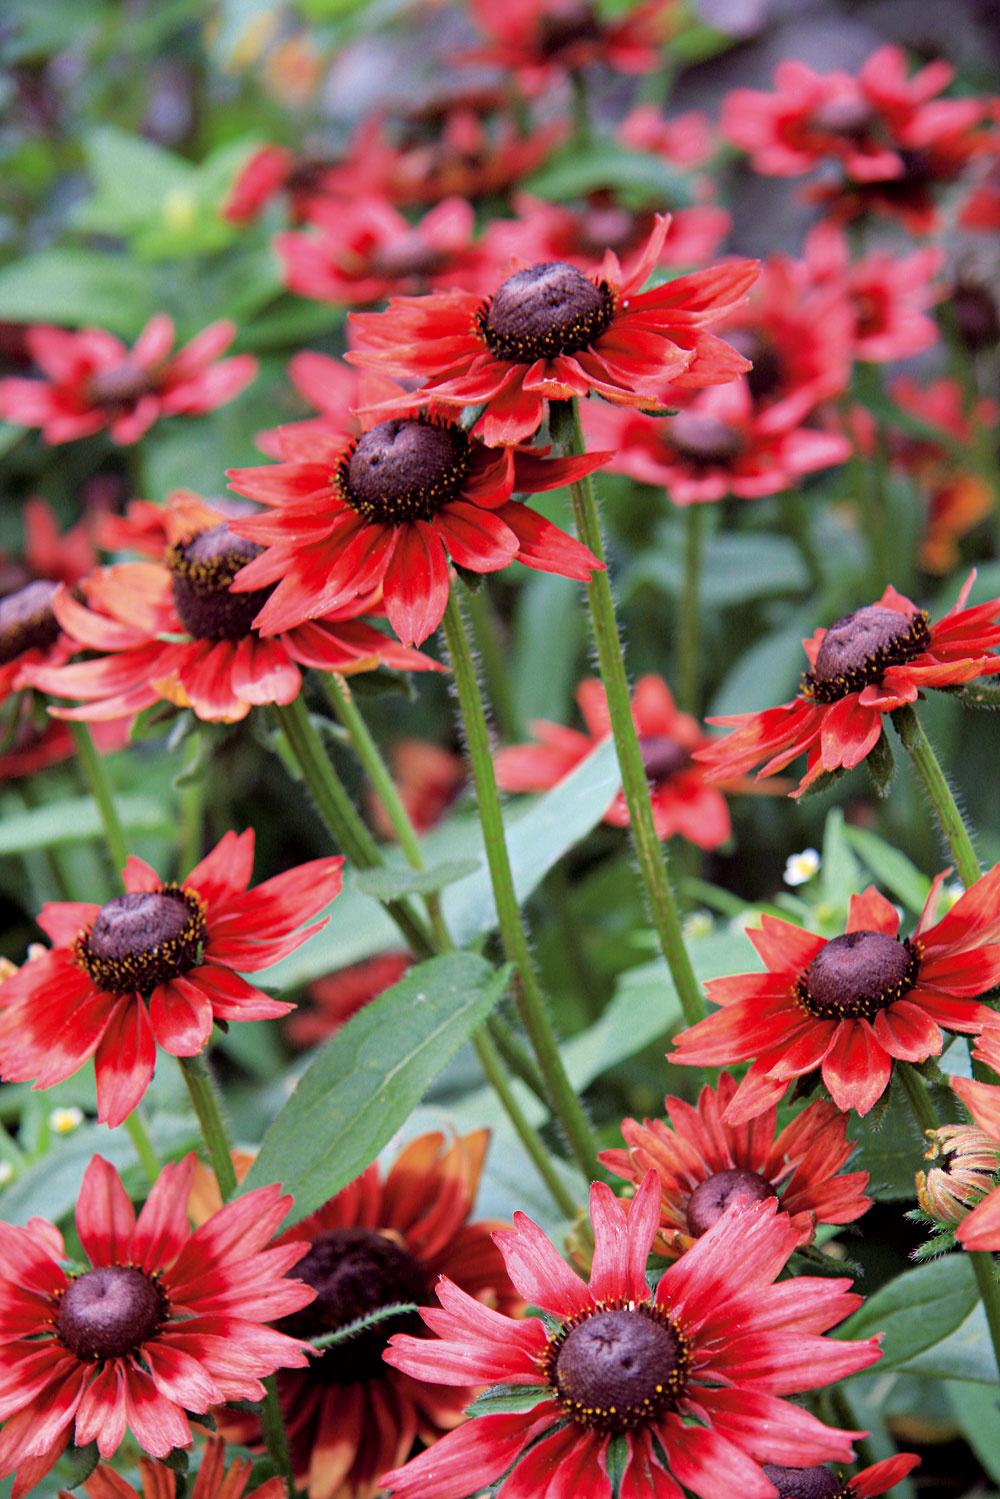 Rudbekia (Rudbeckia hirta), letnička, pochádza zo Severnej Ameriky. Vsortimente sa objavili aj atraktívne zakrpatené kultivary, napríklad sčervenými súkvetiami. Rudbekia obľubuje slnečné miesto, znesie aj väčšie teplo aneprekáža jej veterná strana. Je nádherná vkombinovaných výsadbách – skúste ju vysadiť smuškátmi aokrasnými trávami. Na podporu kvitnutia jej doprajte raz týždenne hnojivú zálievku (hnojivo na kvitnúce letničky) apravidelne odstraňujte odkvitnuté kvety.